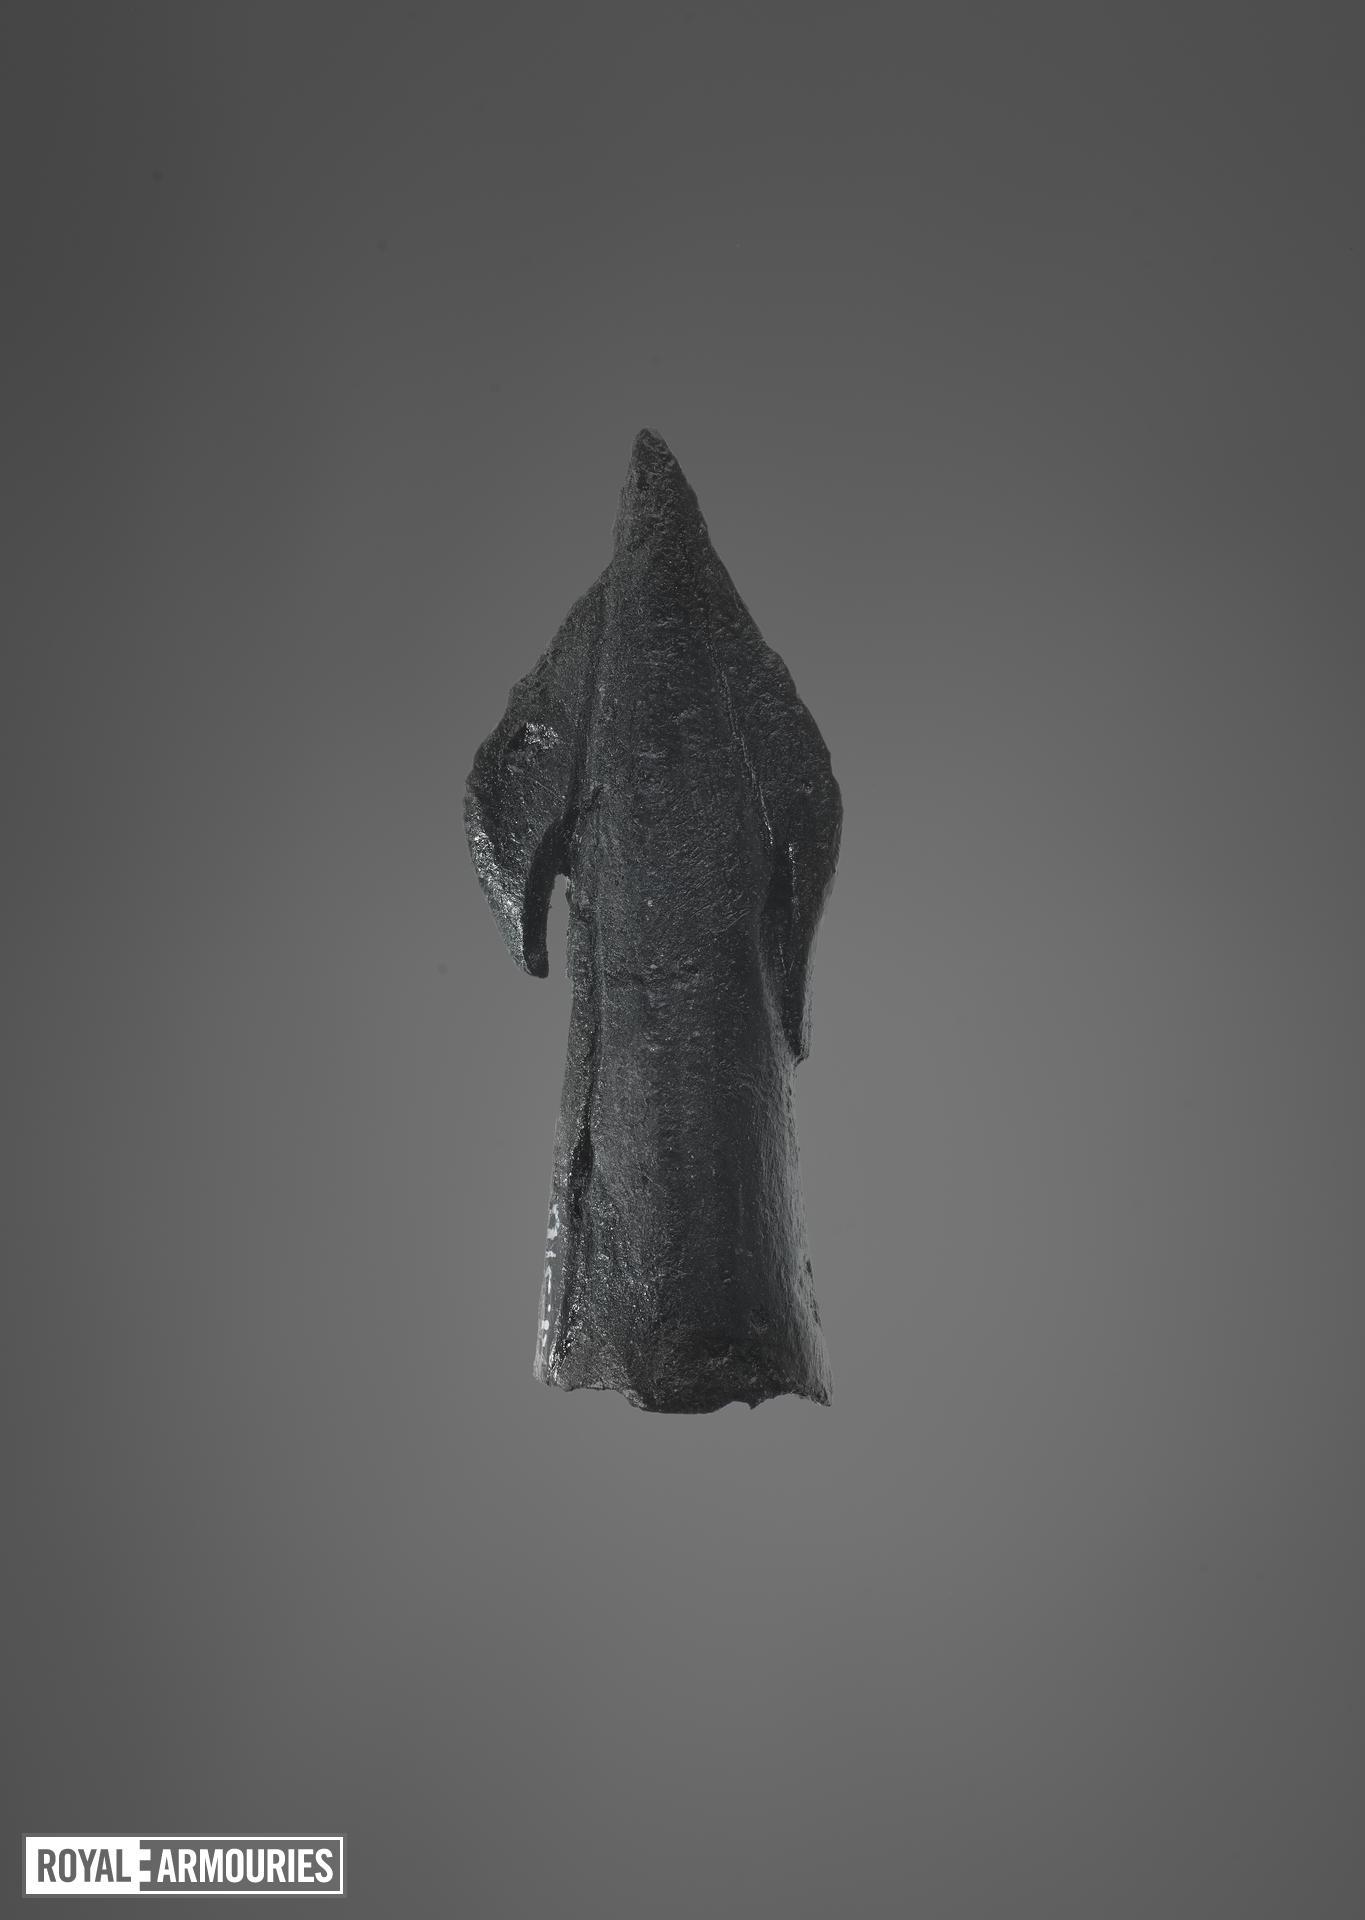 Collection of arrow heads, 11th to 15th centuries, English, from top left to bottom (XI.515, XI.516, XI.521, XI.522, XI.523, XI.526, XI.527, XI.528, XI.529, XI.296)